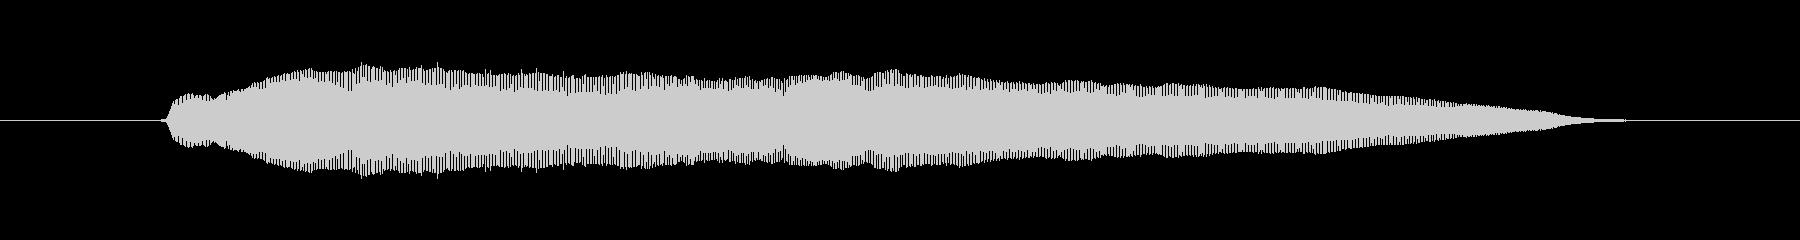 えーんえーん の未再生の波形